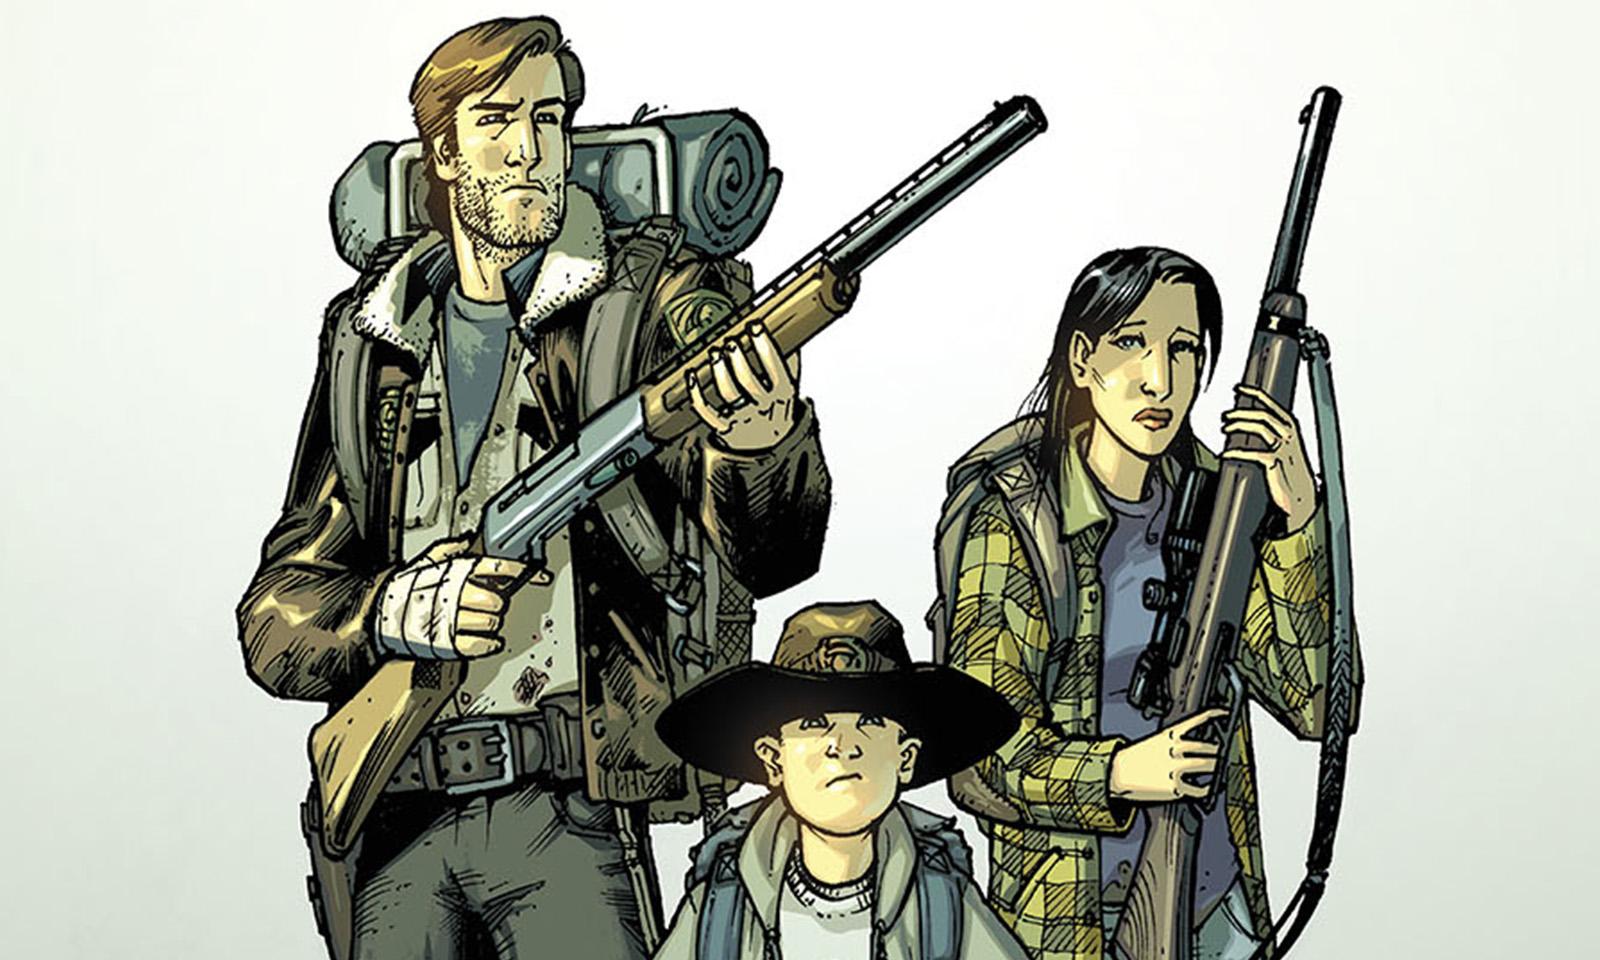 Rick, Lori e Carl juntos e armados na capa da versão colorida da edição 3 da HQ de The Walking Dead